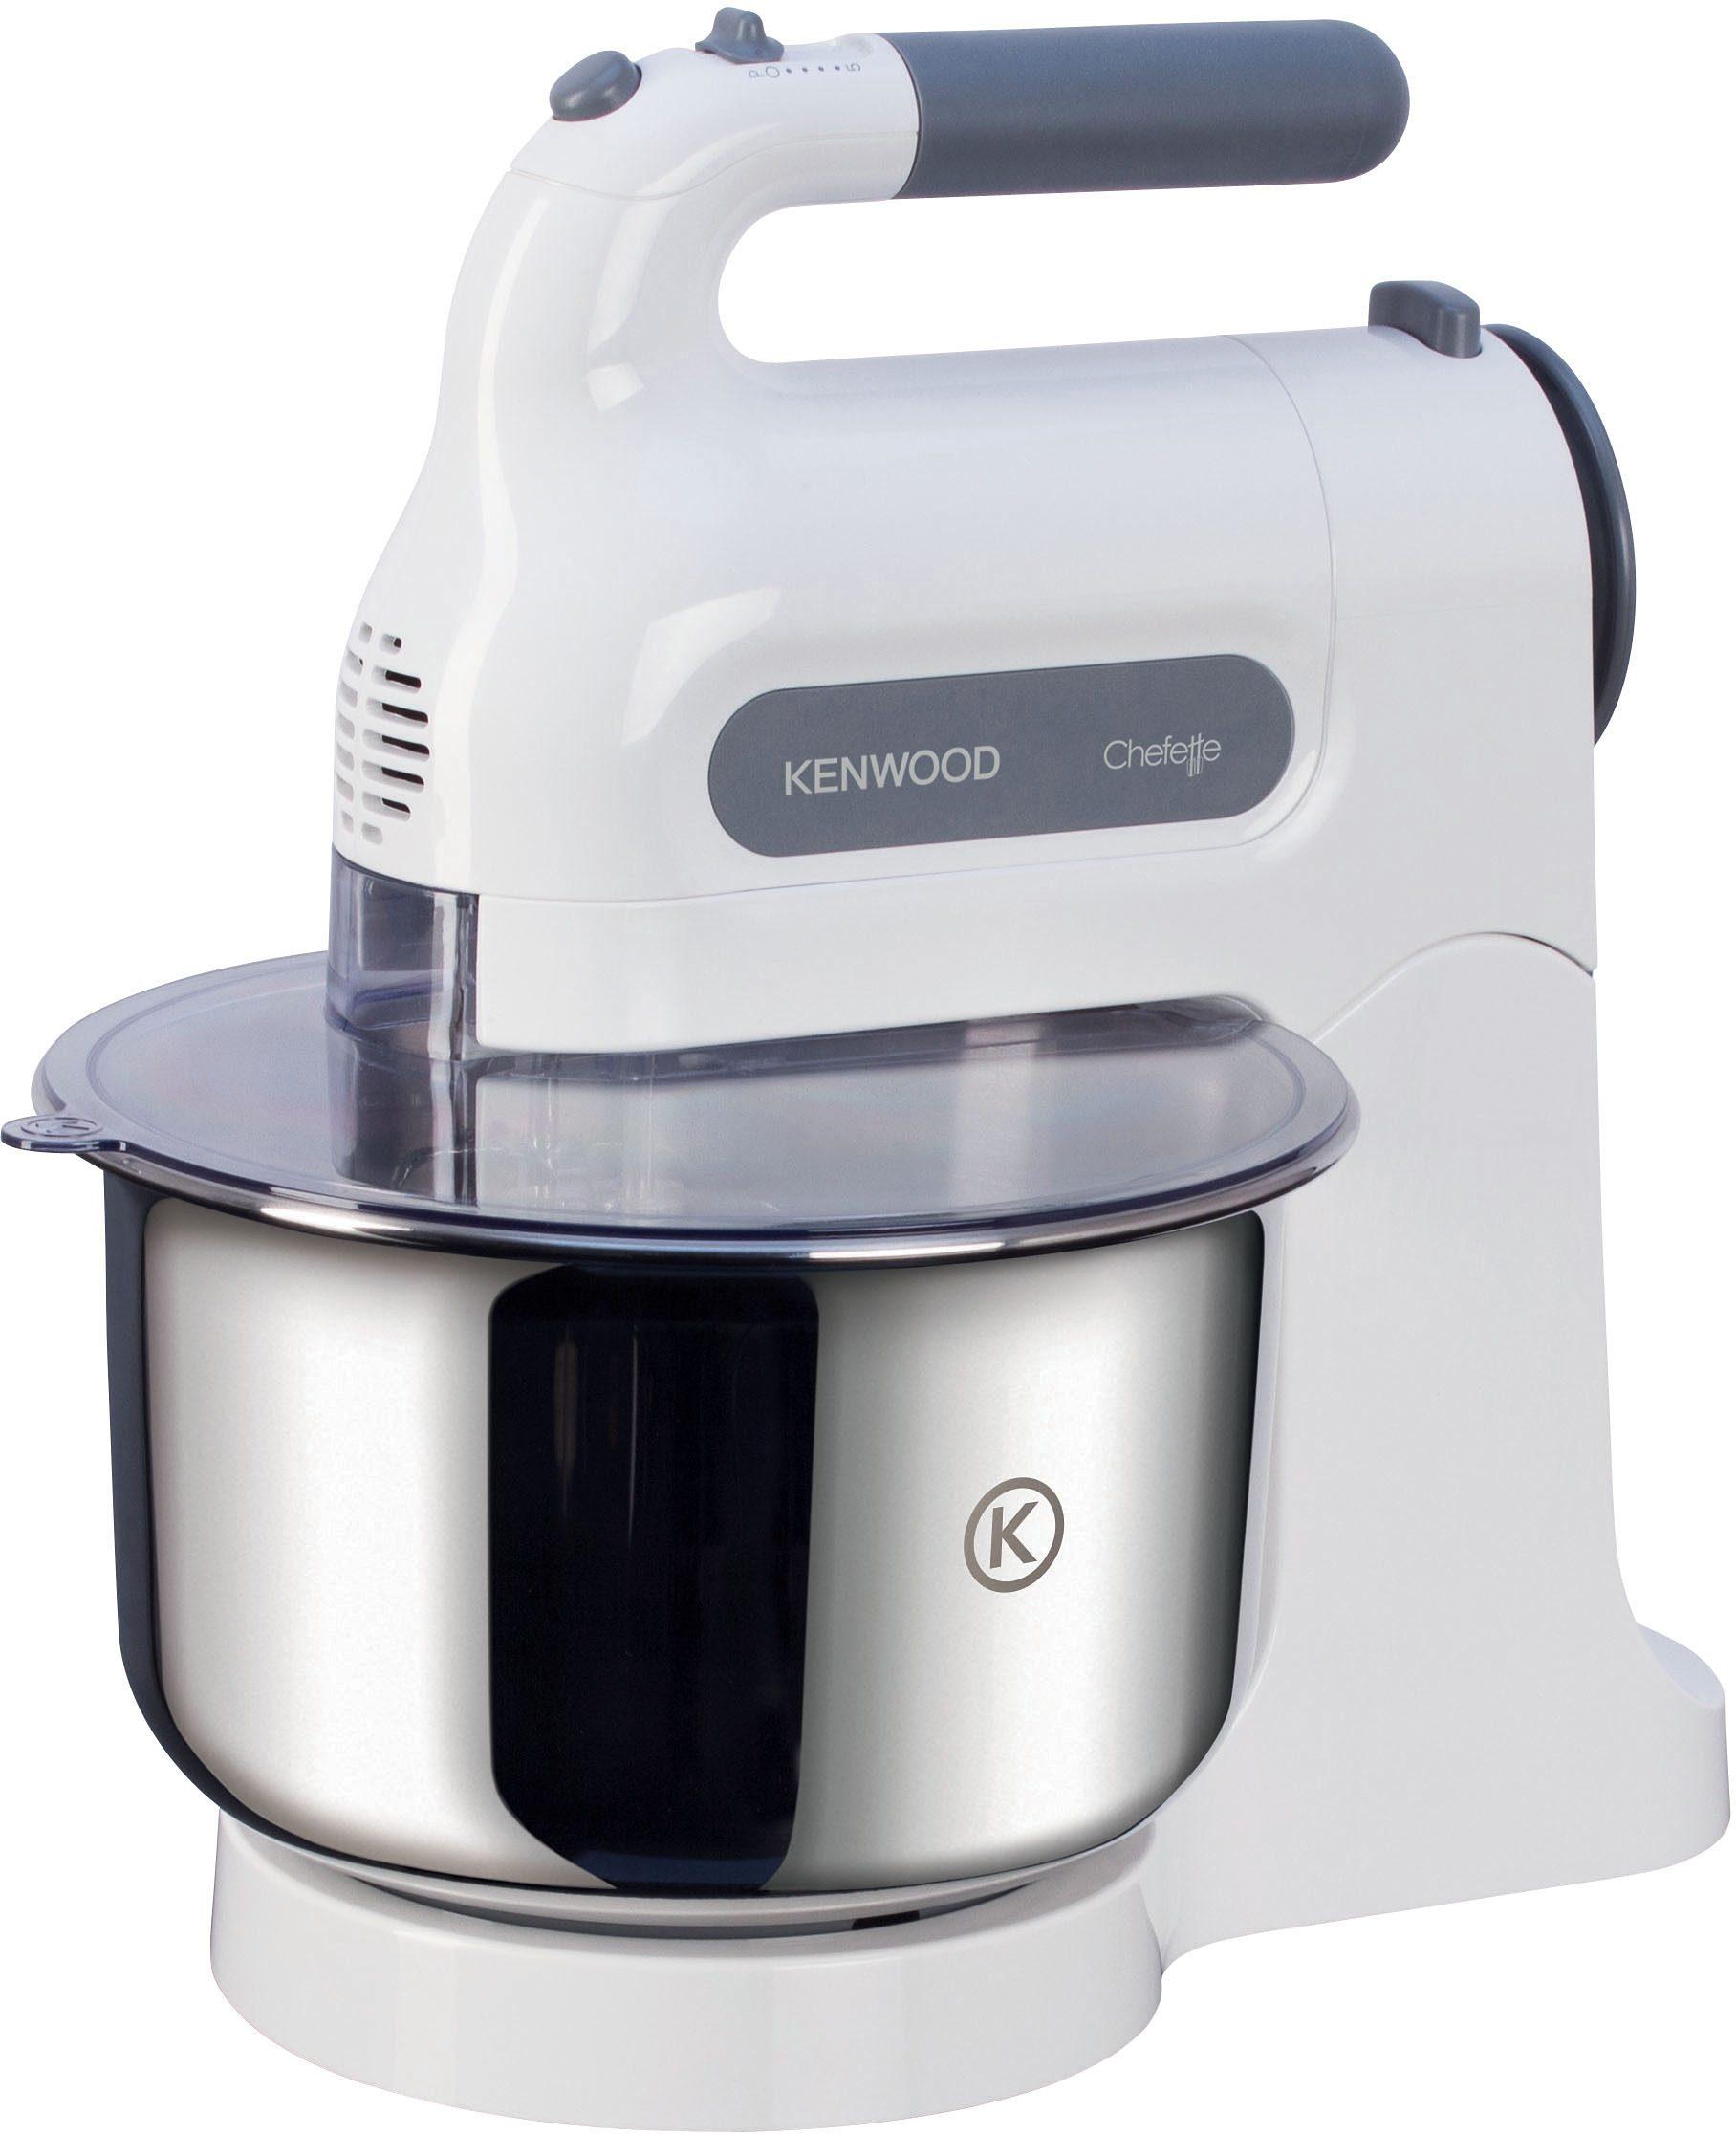 Kenwood Handmixer »HM680 Chefette«, 350 Watt, 5 Stufen, weiß